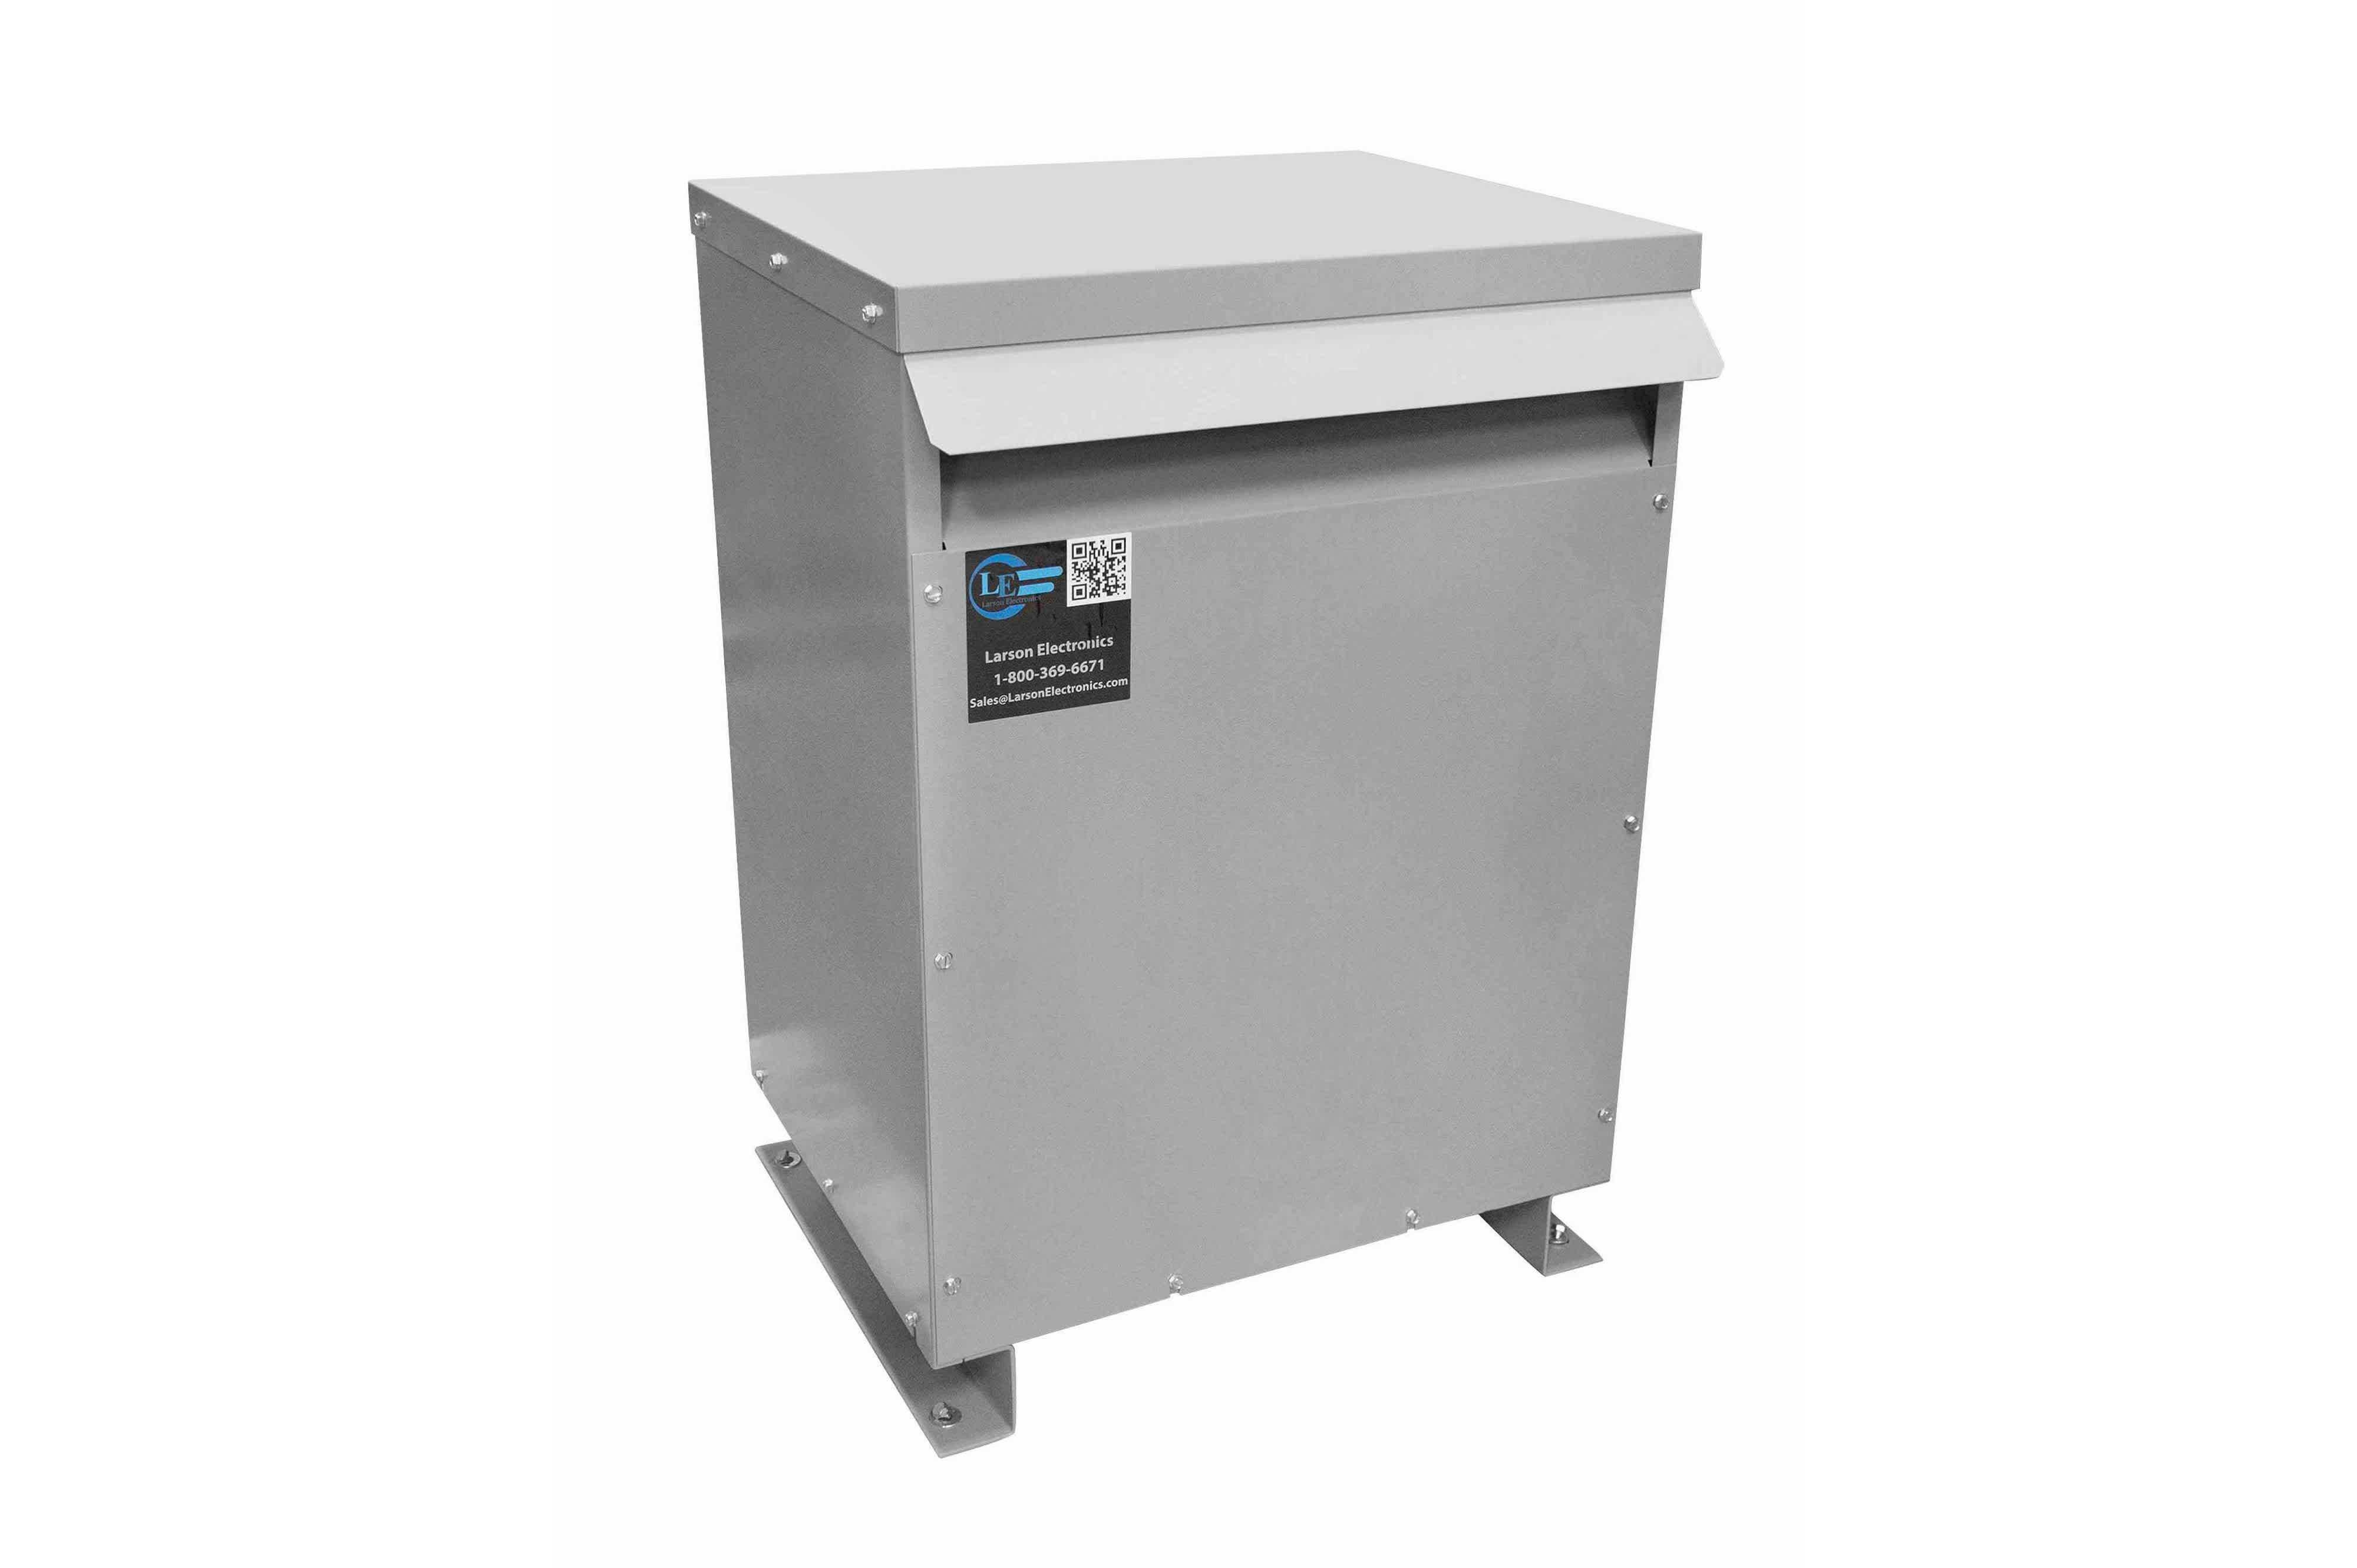 112.5 kVA 3PH Isolation Transformer, 230V Delta Primary, 208V Delta Secondary, N3R, Ventilated, 60 Hz